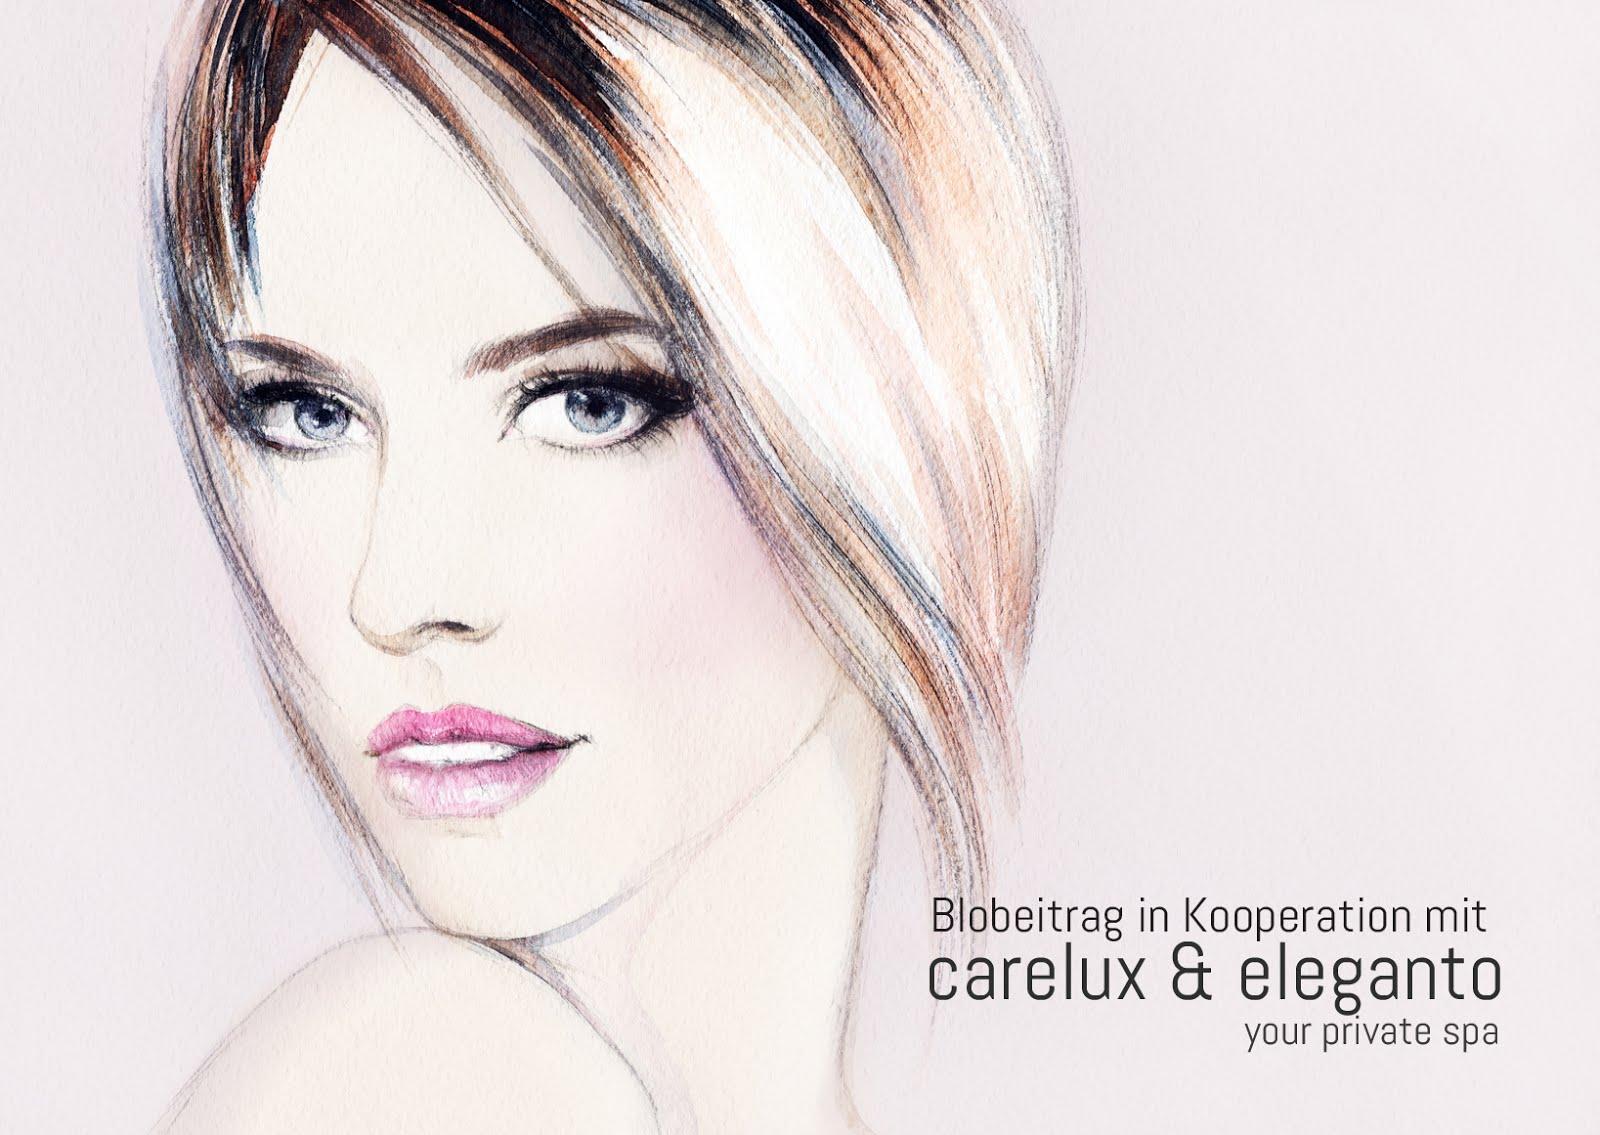 Carelux & eleganto